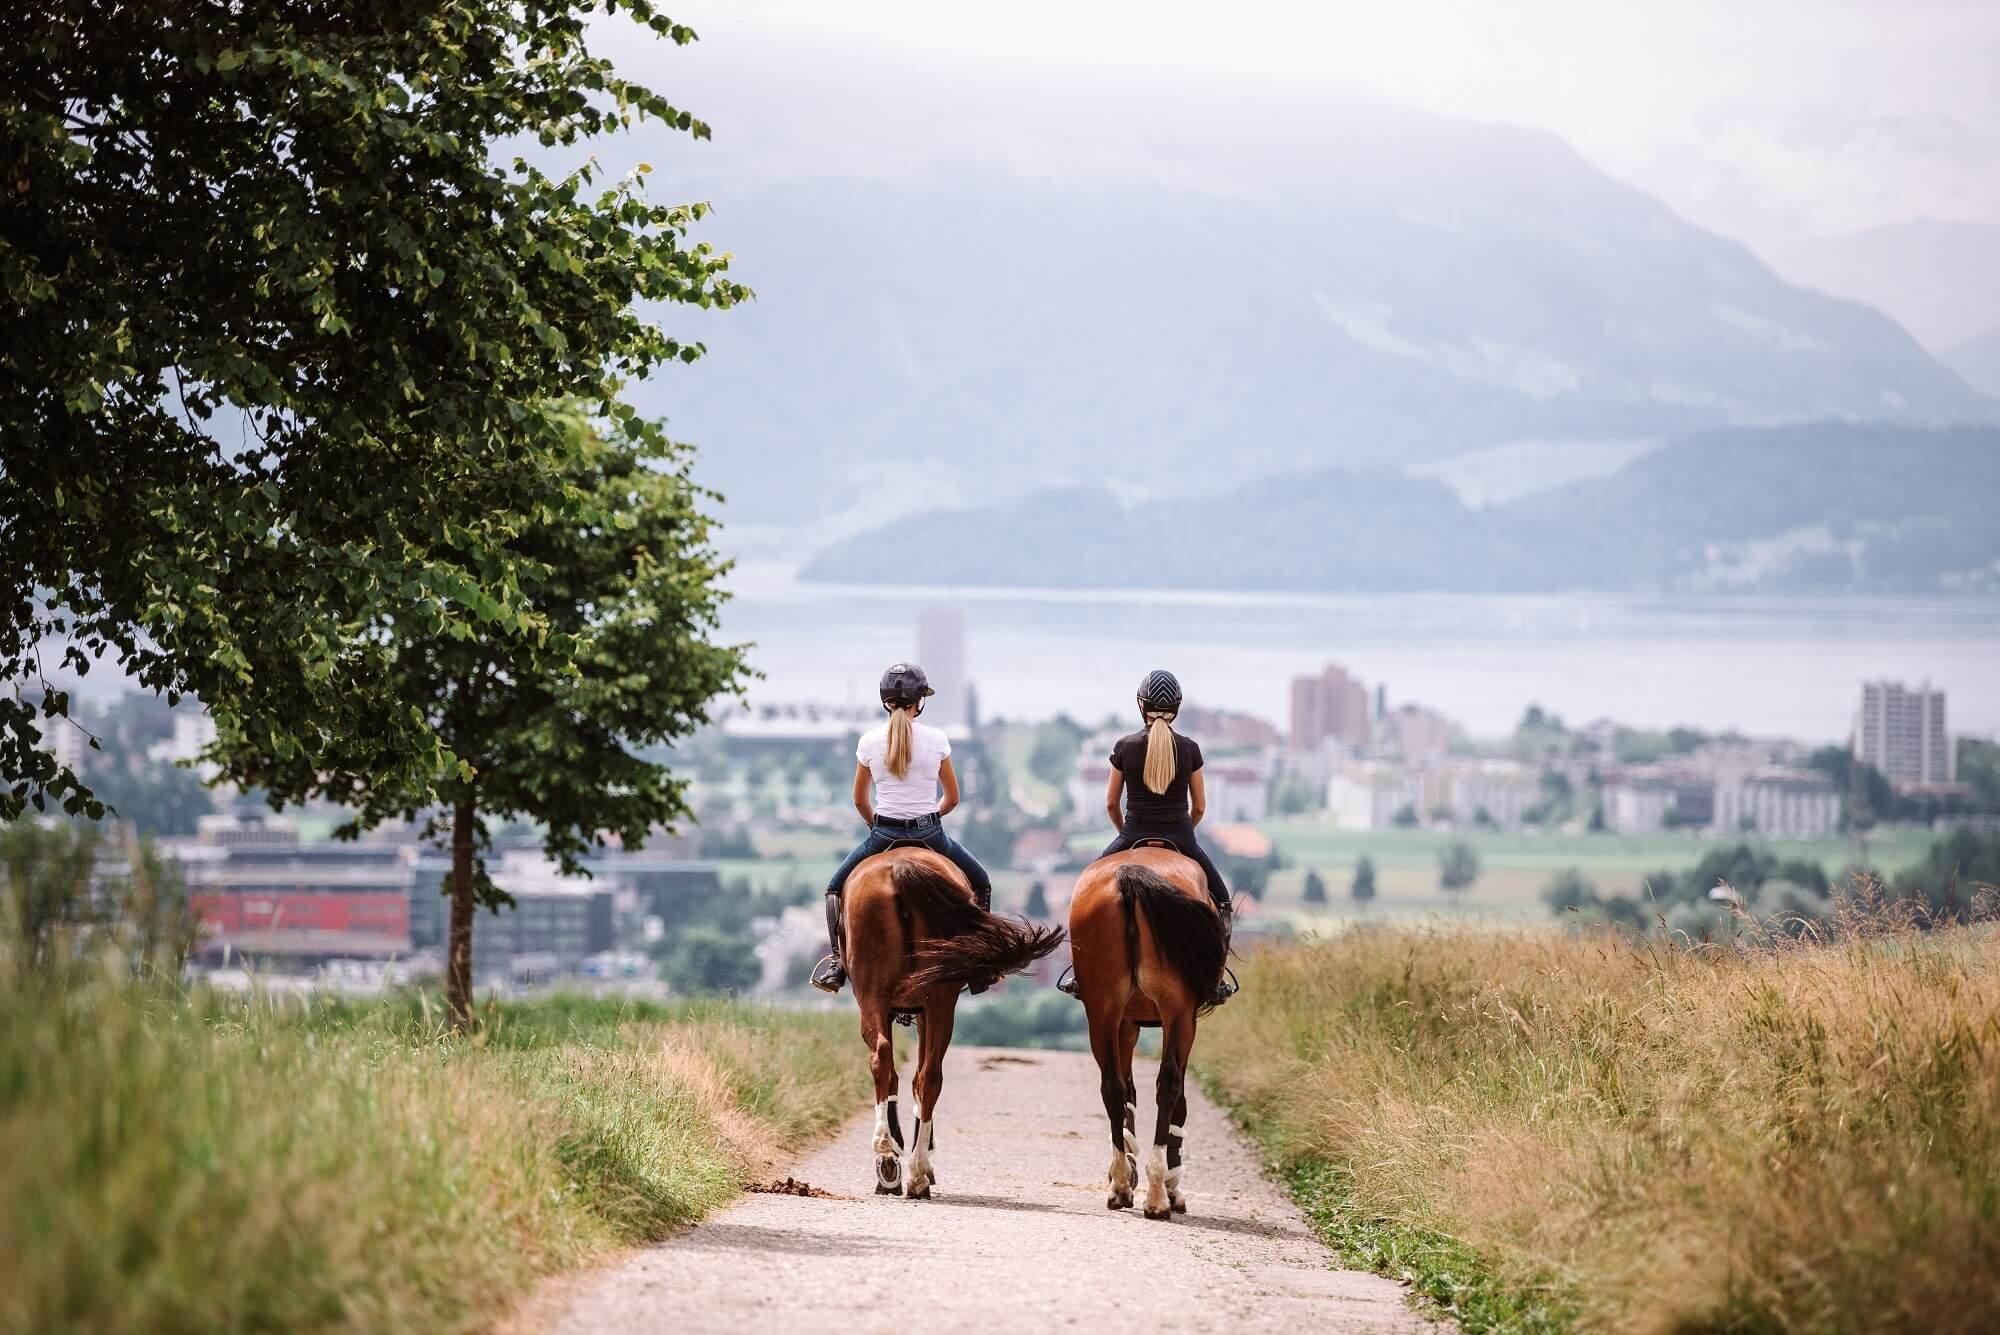 Urlaub mit Pferd: So wird die Reise entspannt